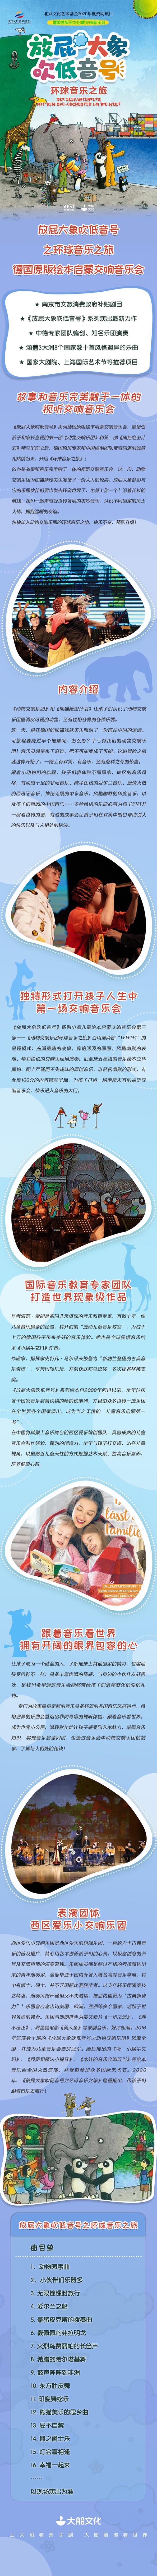 2021大船文化·德国原版绘本启蒙交响音乐会《放屁大象吹低音号之环球音乐之旅》-深圳站